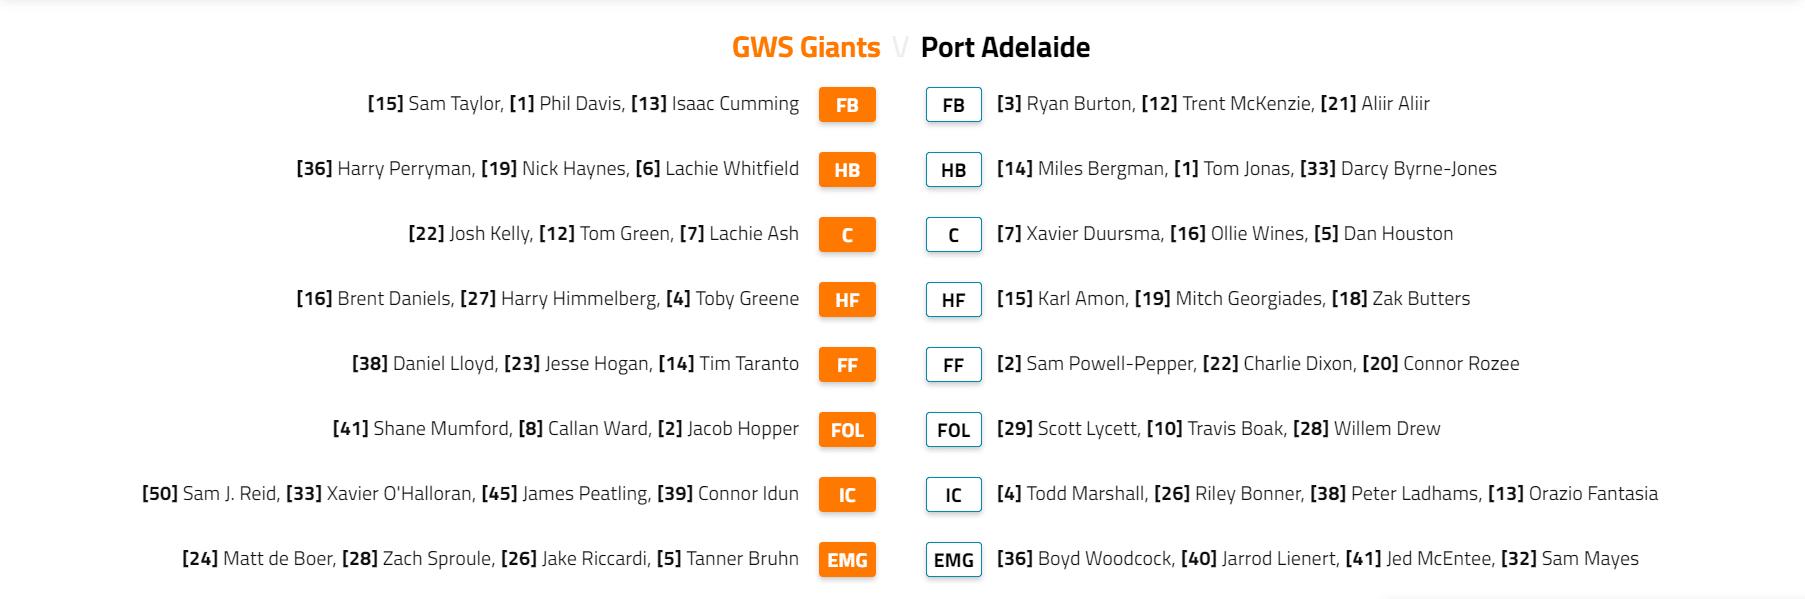 Capture - GWS v Port.PNG